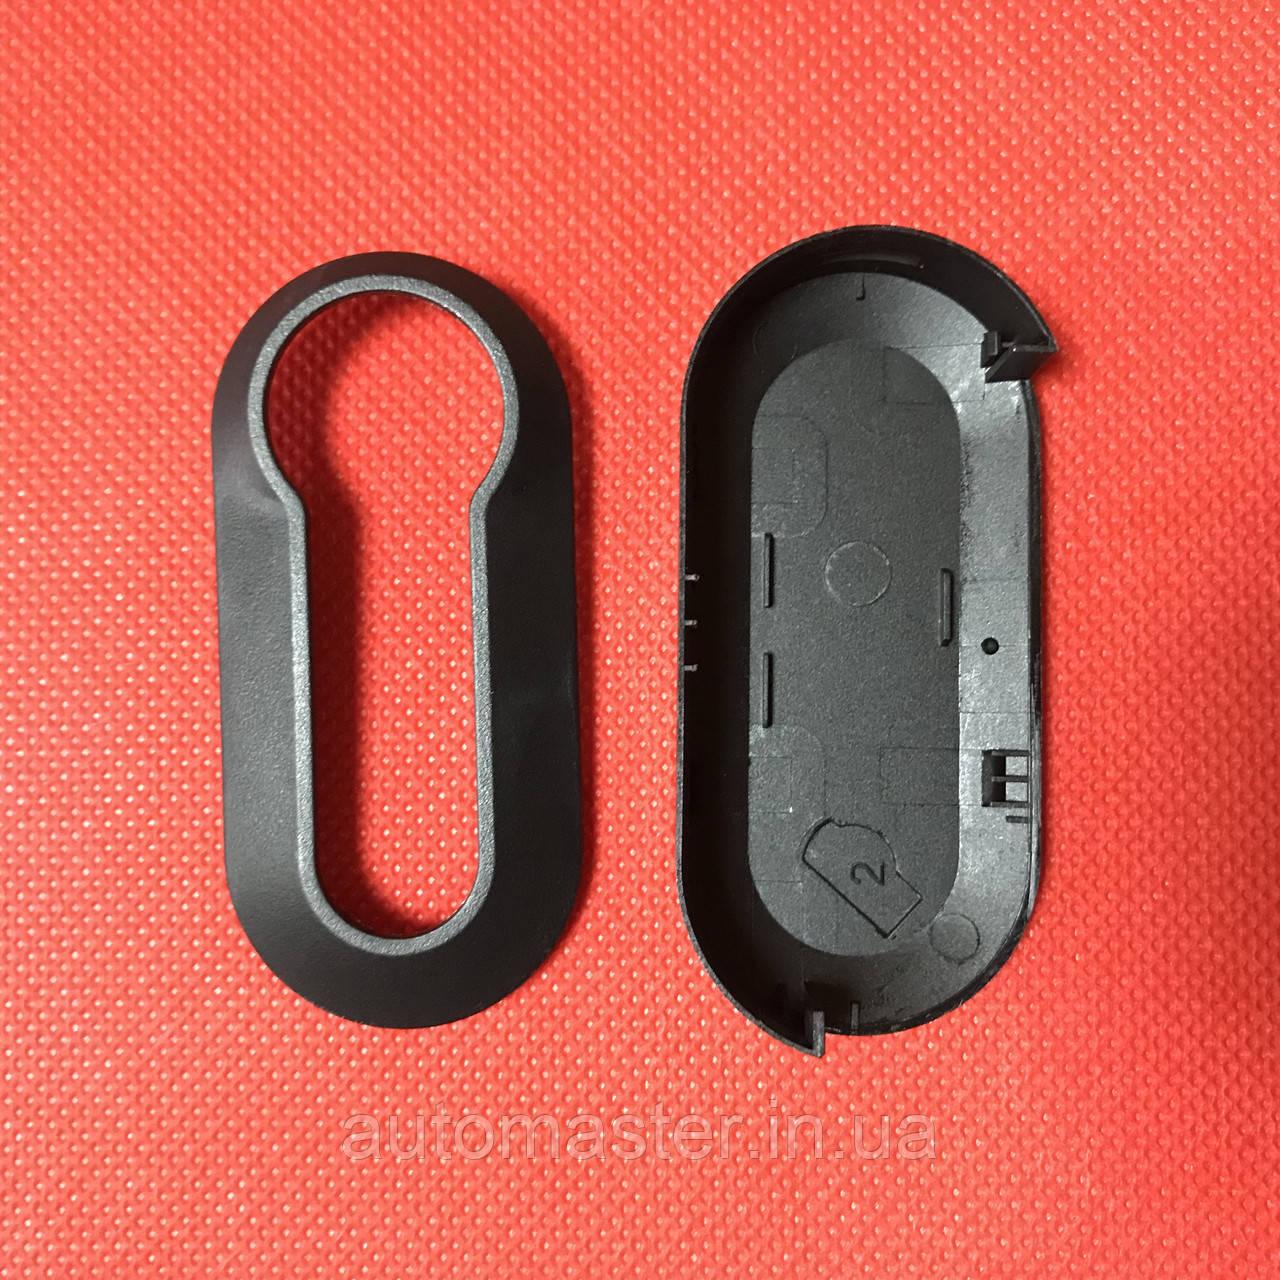 Рем комплект выкидного автоключа ключ Фіат для Fiat 500 І Punto,Doblo,Ducato ( Добло, Дукато) 3 - кнопки